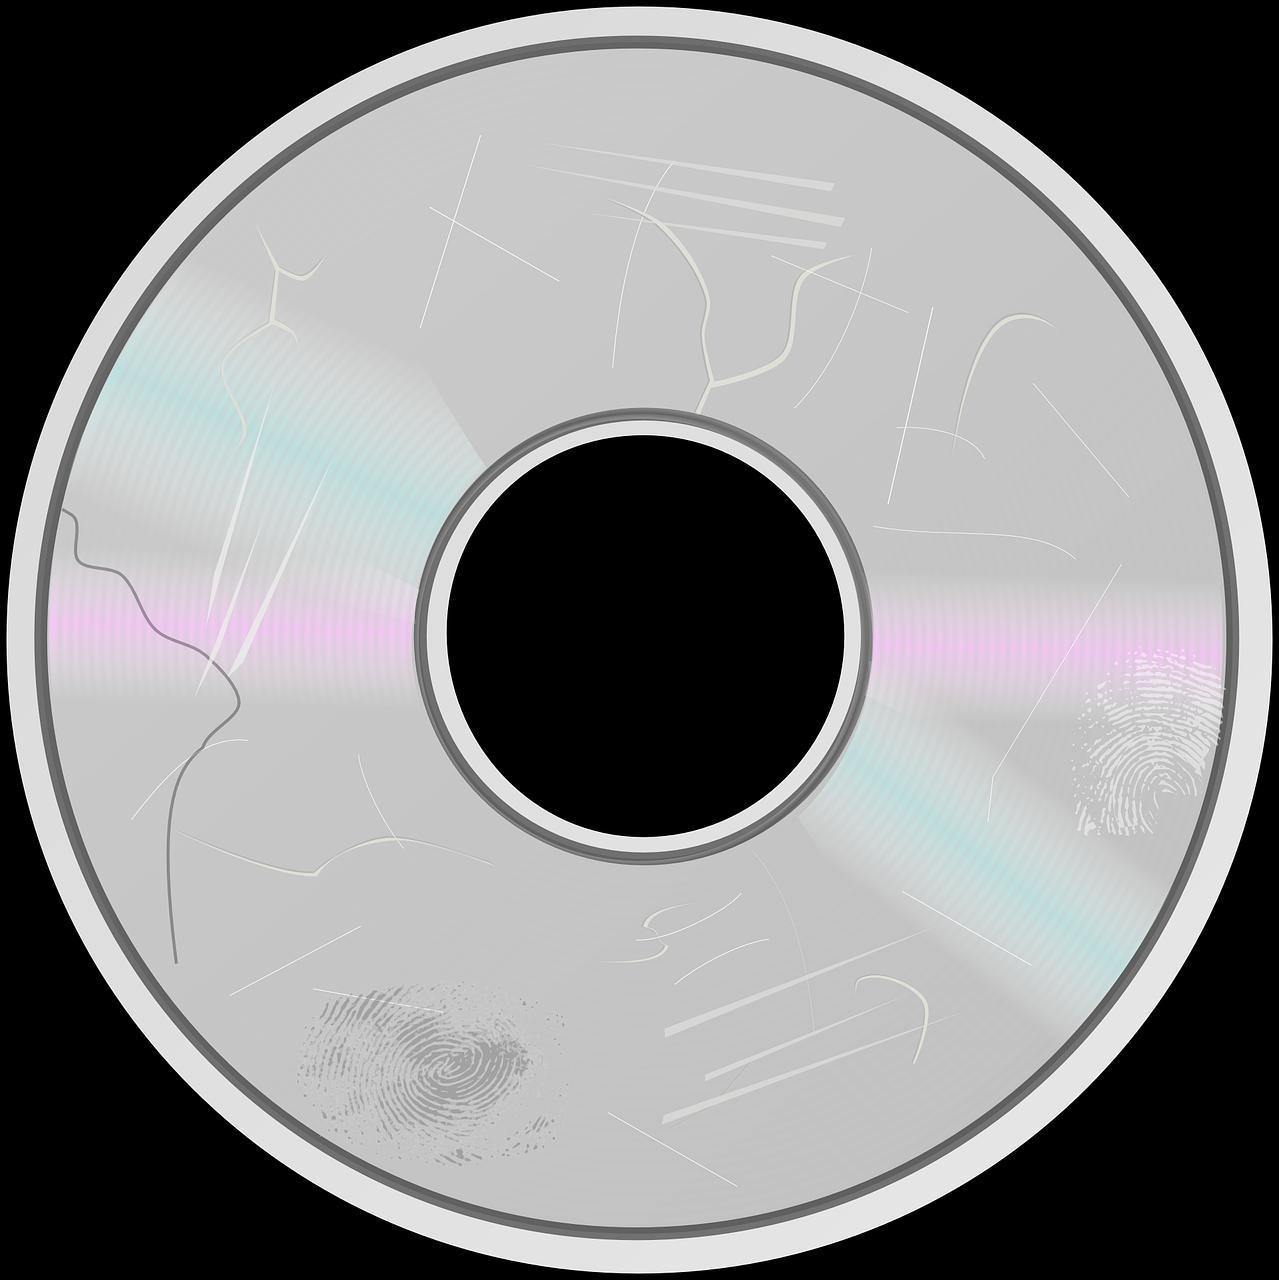 【せどり】中古CD,DVDの利益を引き上げる!おすすめのディスク研磨機を紹介!